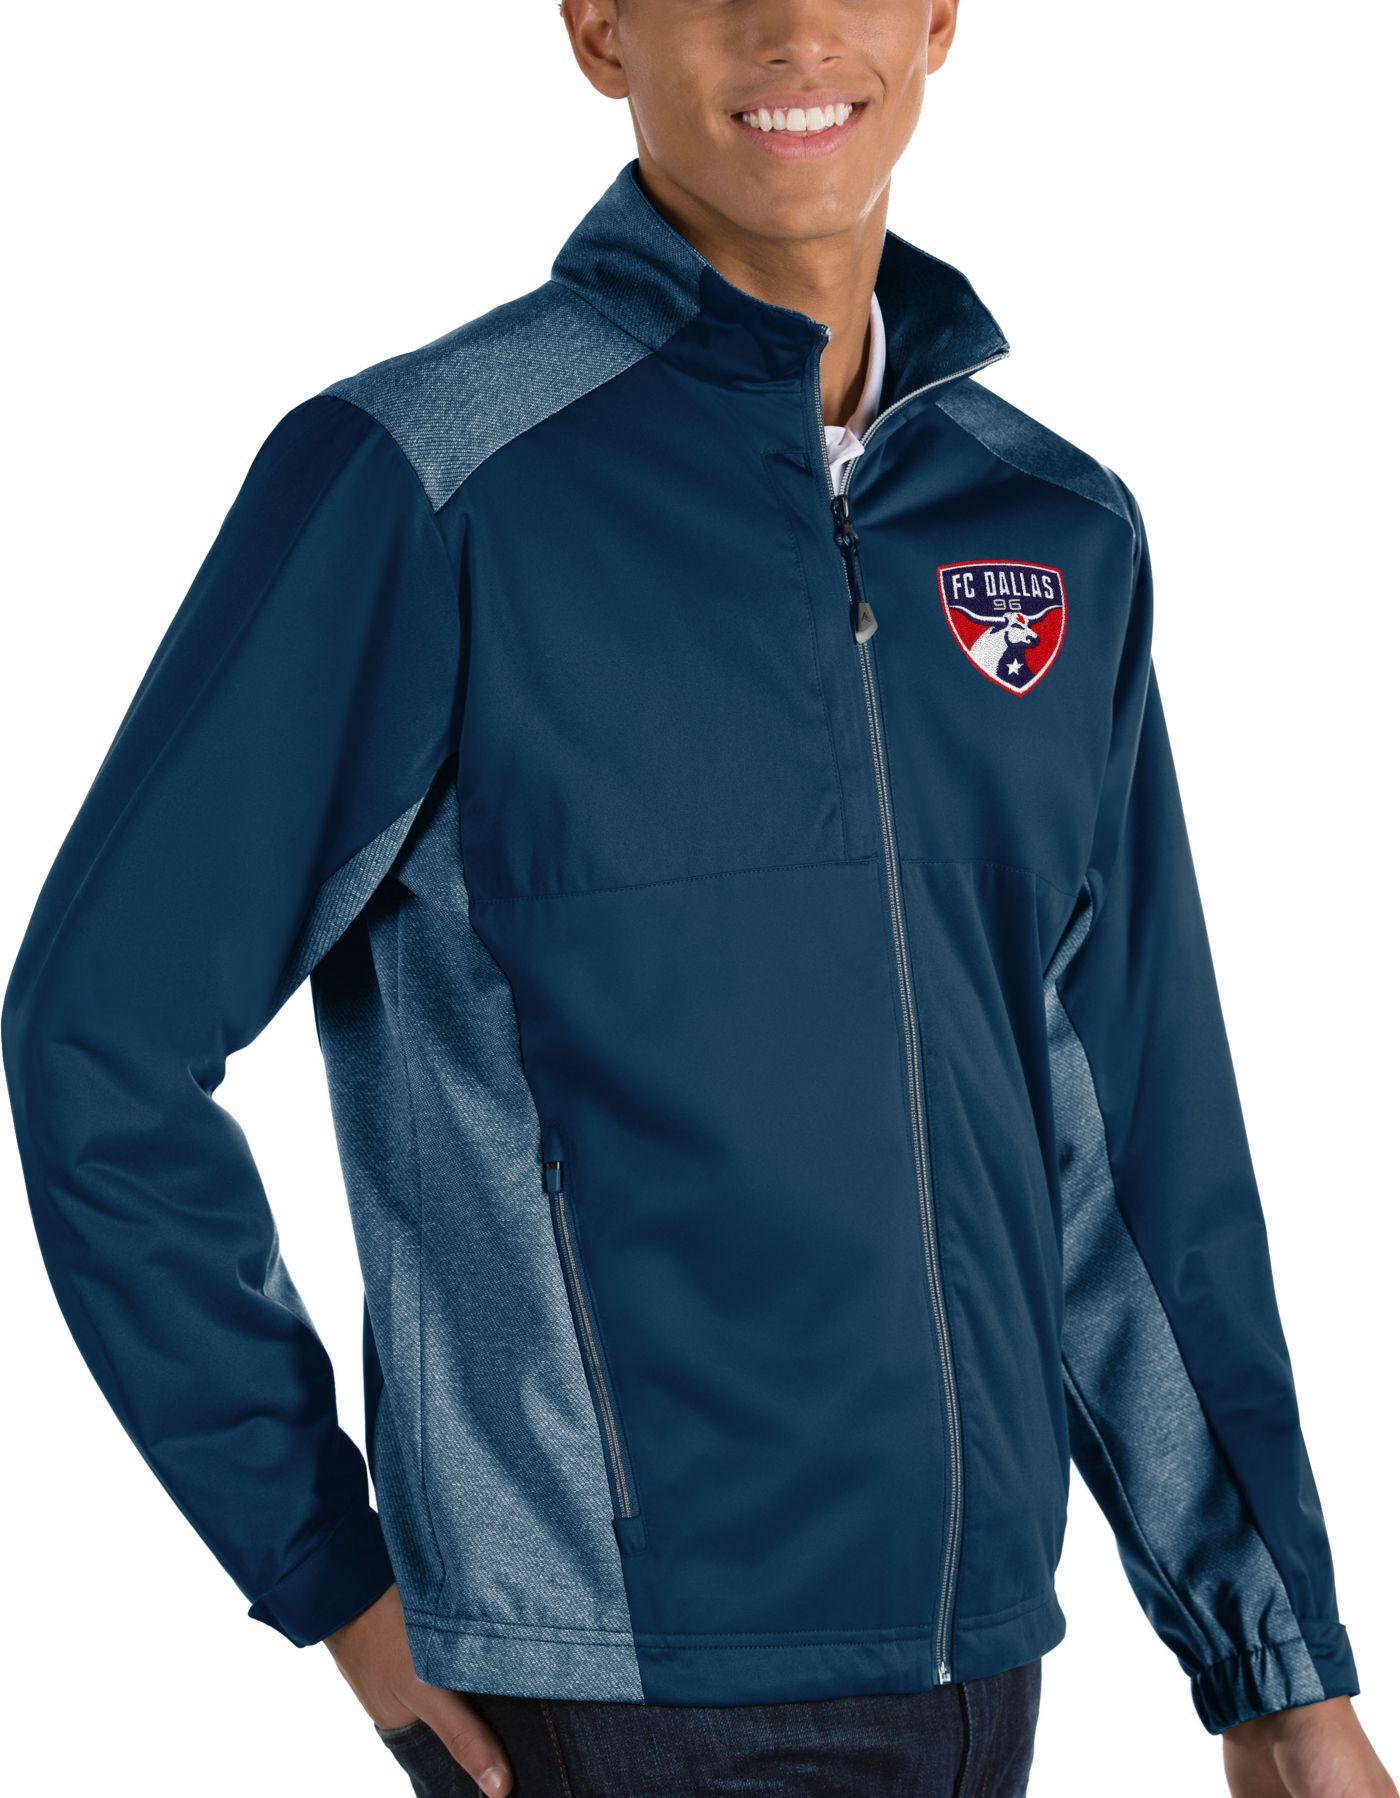 Antigua Men's FC Dallas Revolve Navy Full-Zip Jacket